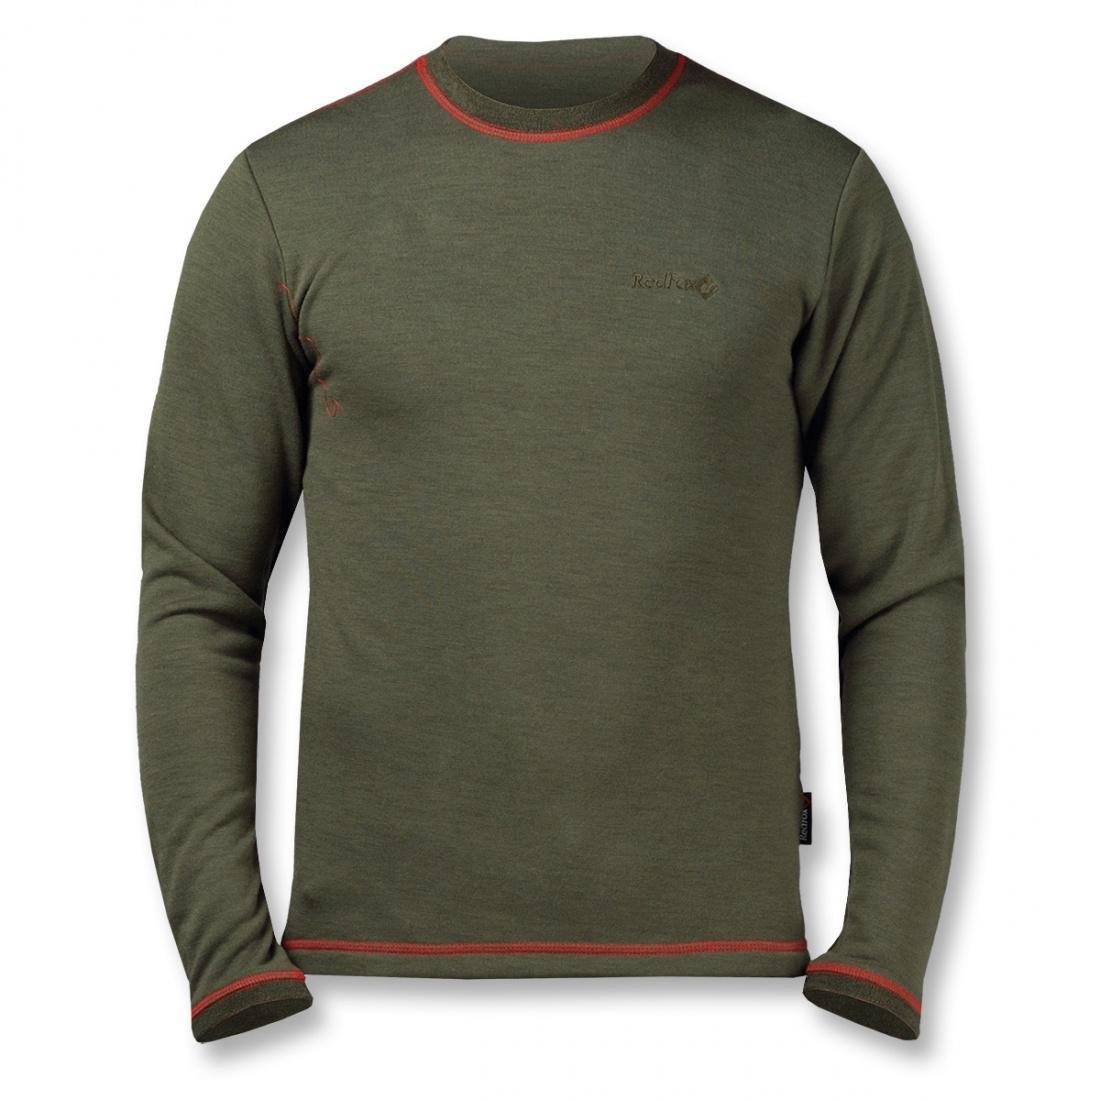 Термобелье футболка Wool DryФутболки<br>Тёплая футболка с длинными рукавами. Предназначена для использовании в качестве нижнего слоя в суровых погодных условиях. Благодаря испол...<br><br>Цвет: Зеленый<br>Размер: 56